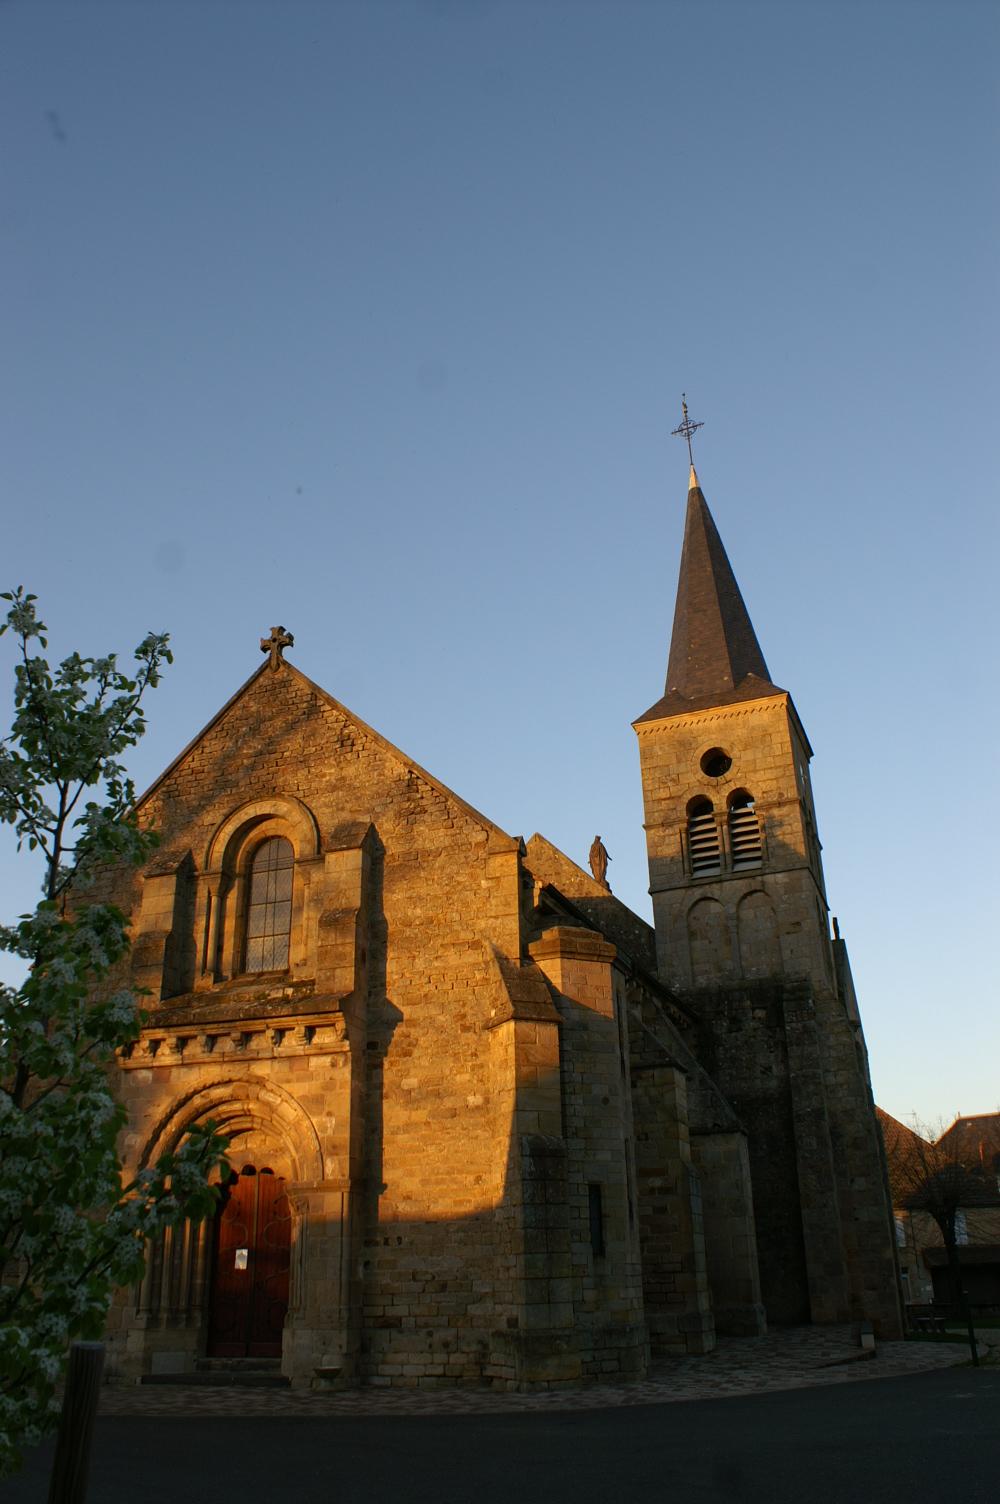 Église Saint-Loup Façade et clocher Ⓒ Mairie de St-Hilaire